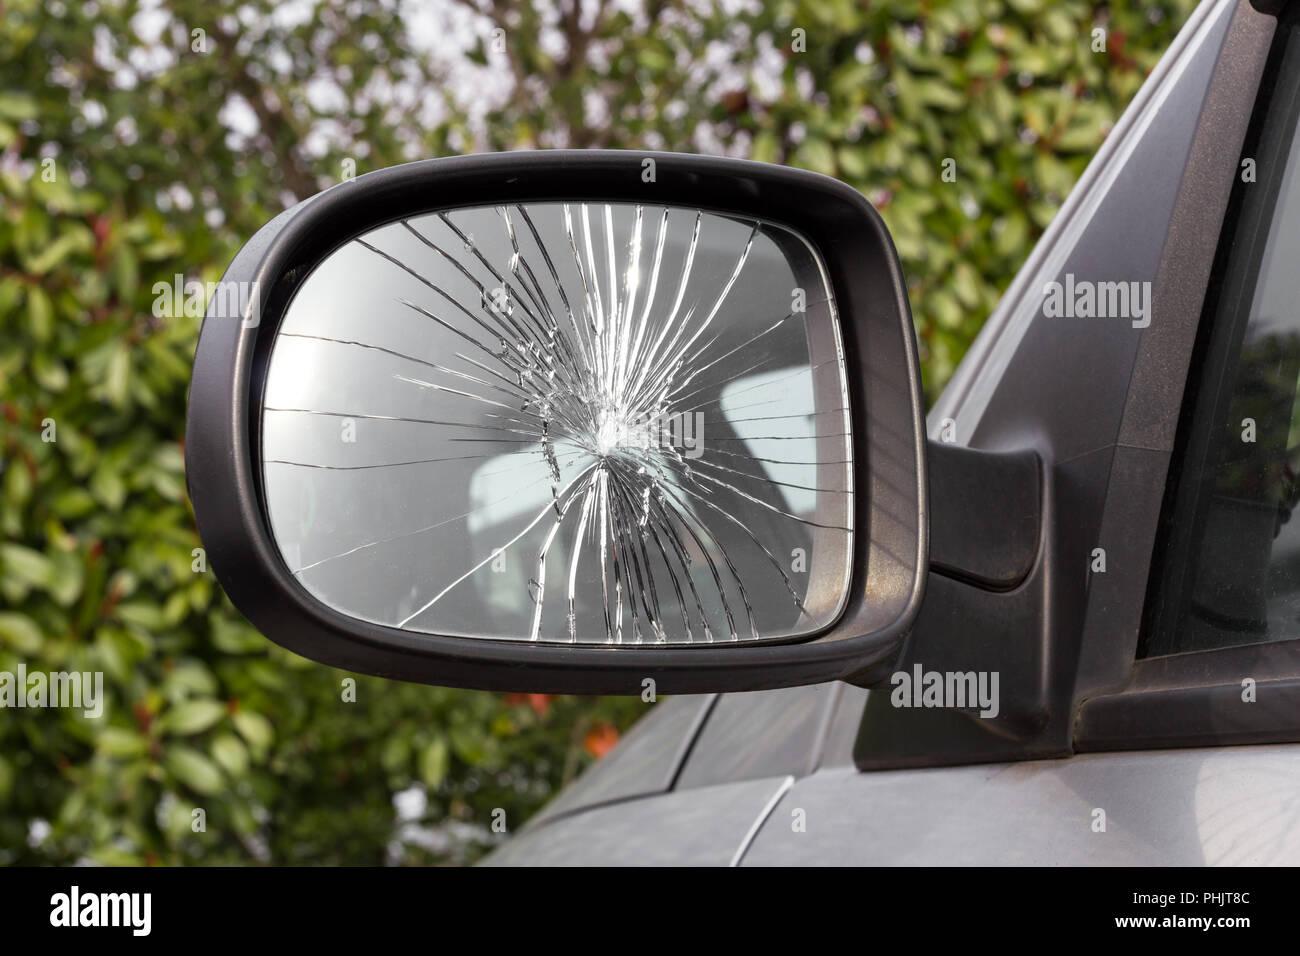 Danneggiato specchietto retrovisore Immagini Stock